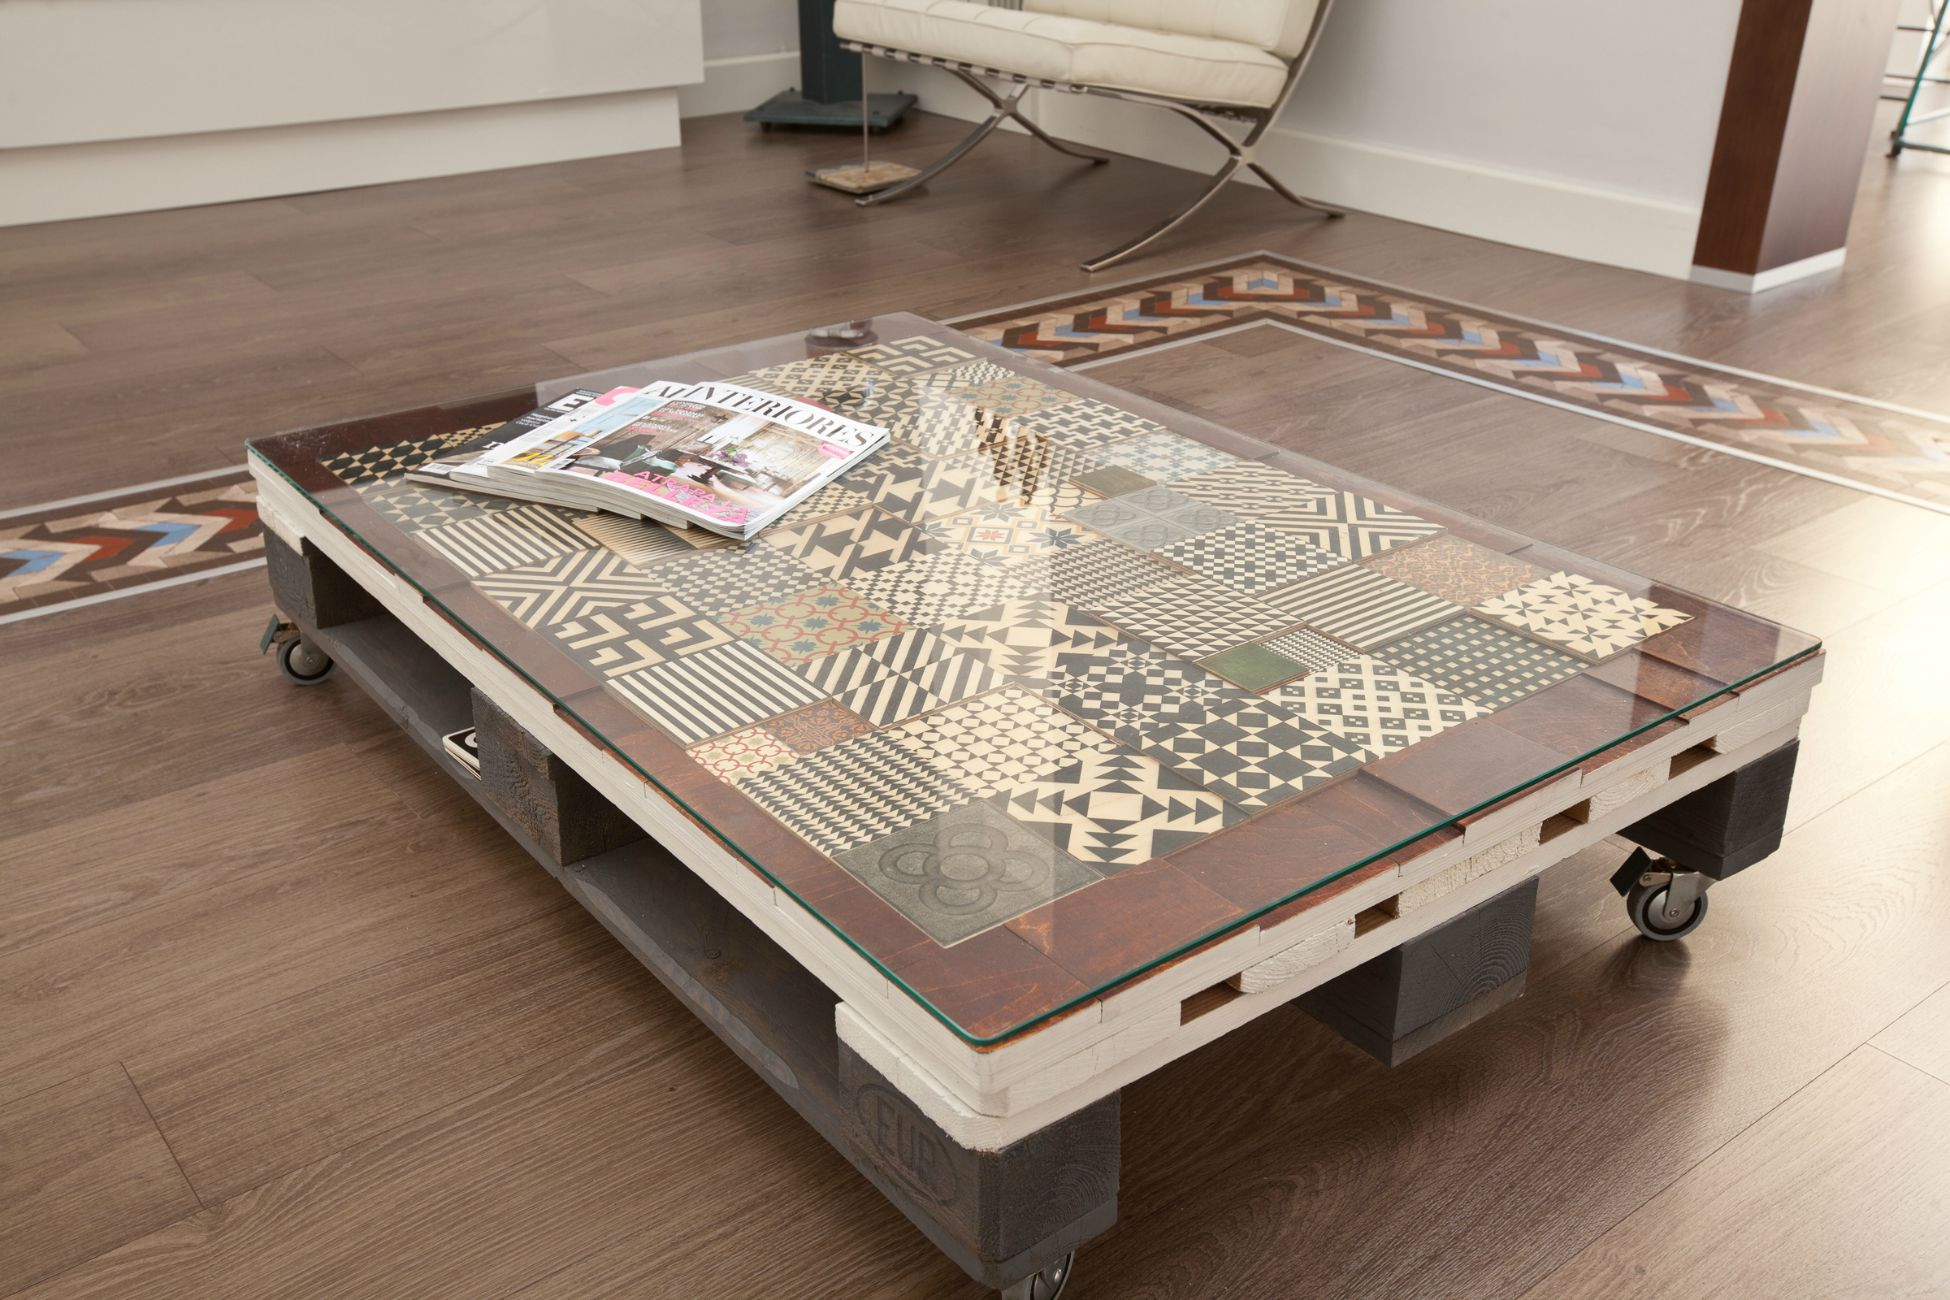 Muebles de palets decorados con azulejos hidráulicos – I Love